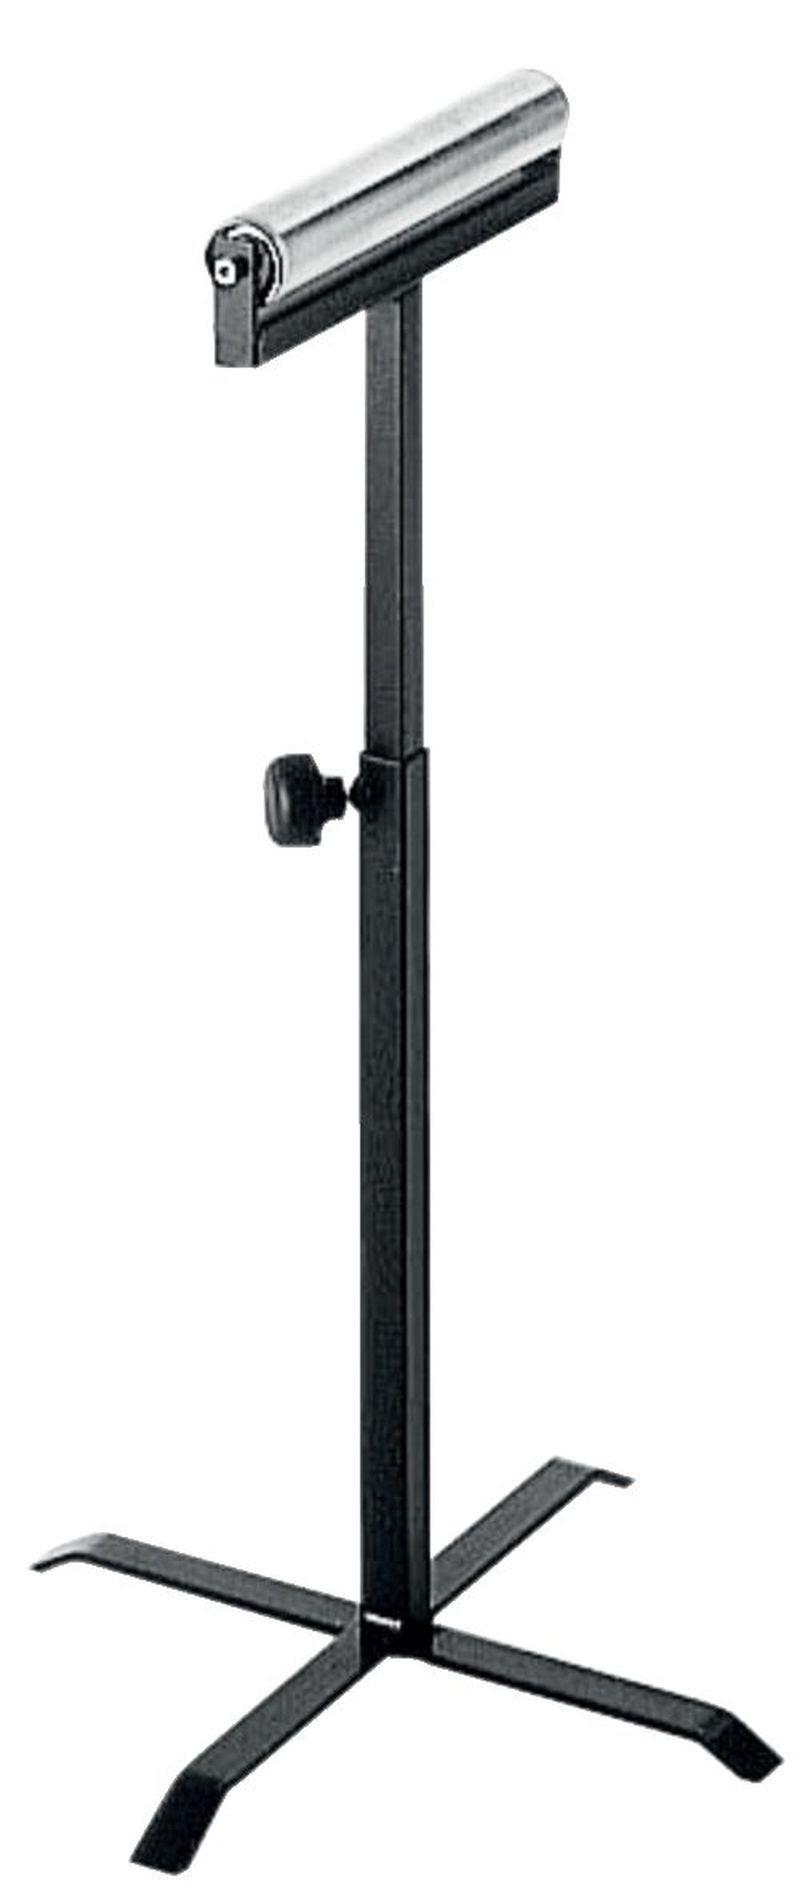 Chevalet à rouleau FESTOOL RB - 488711